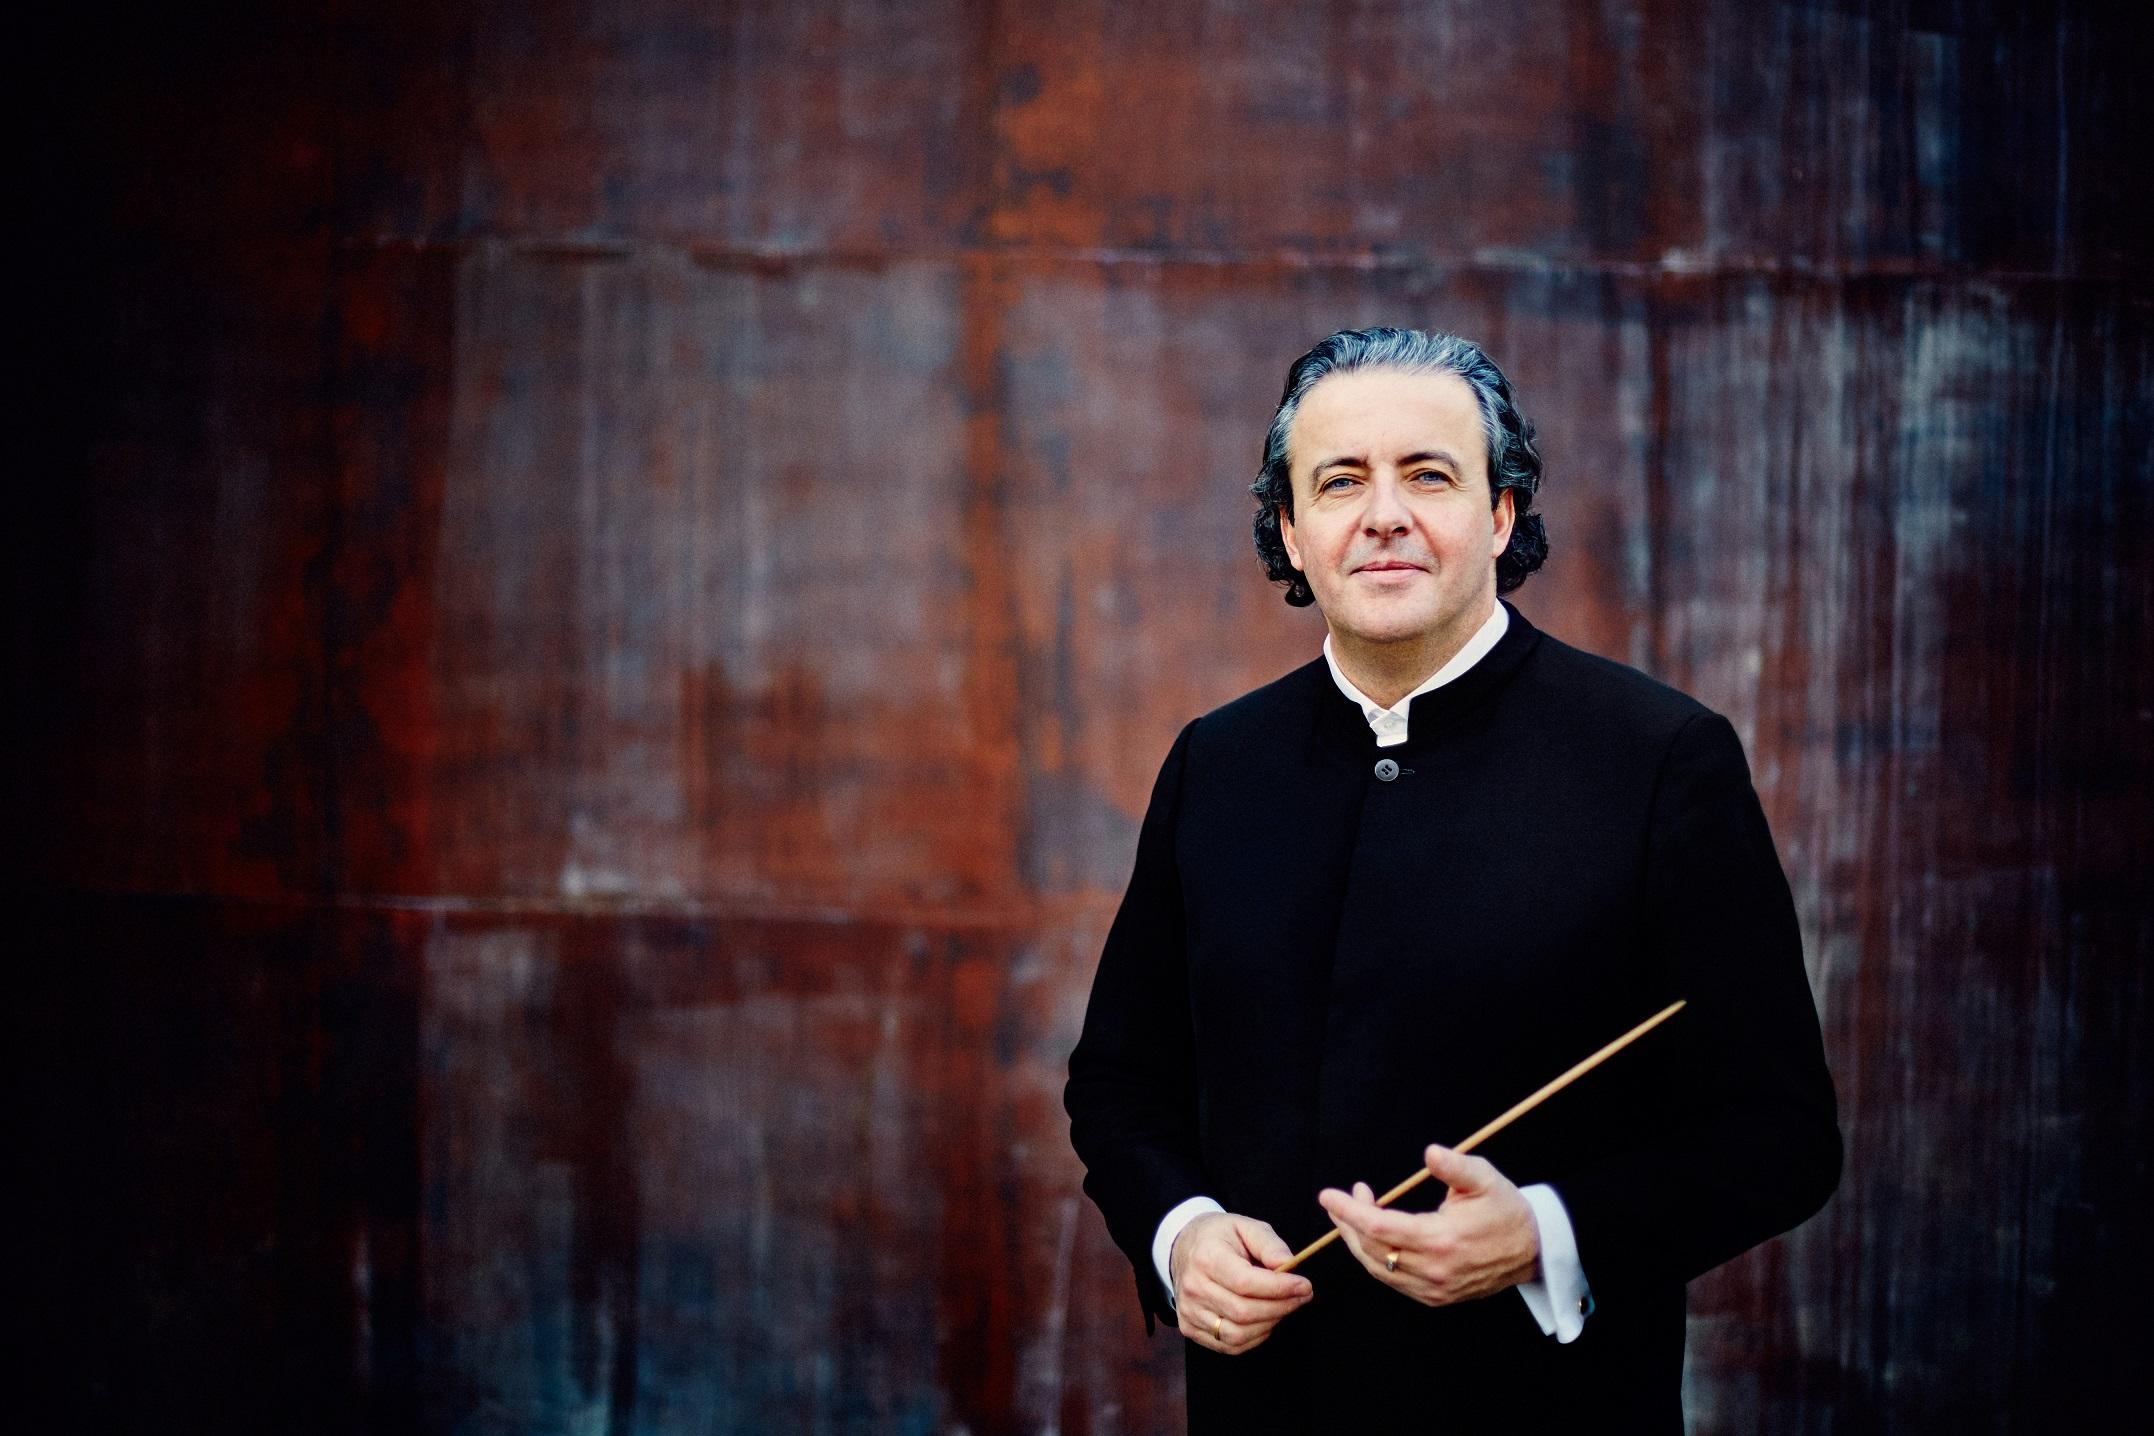 Juanjo Mena se pone al frente de la Sinfónica de Tenerife en su segundo concierto de temporada